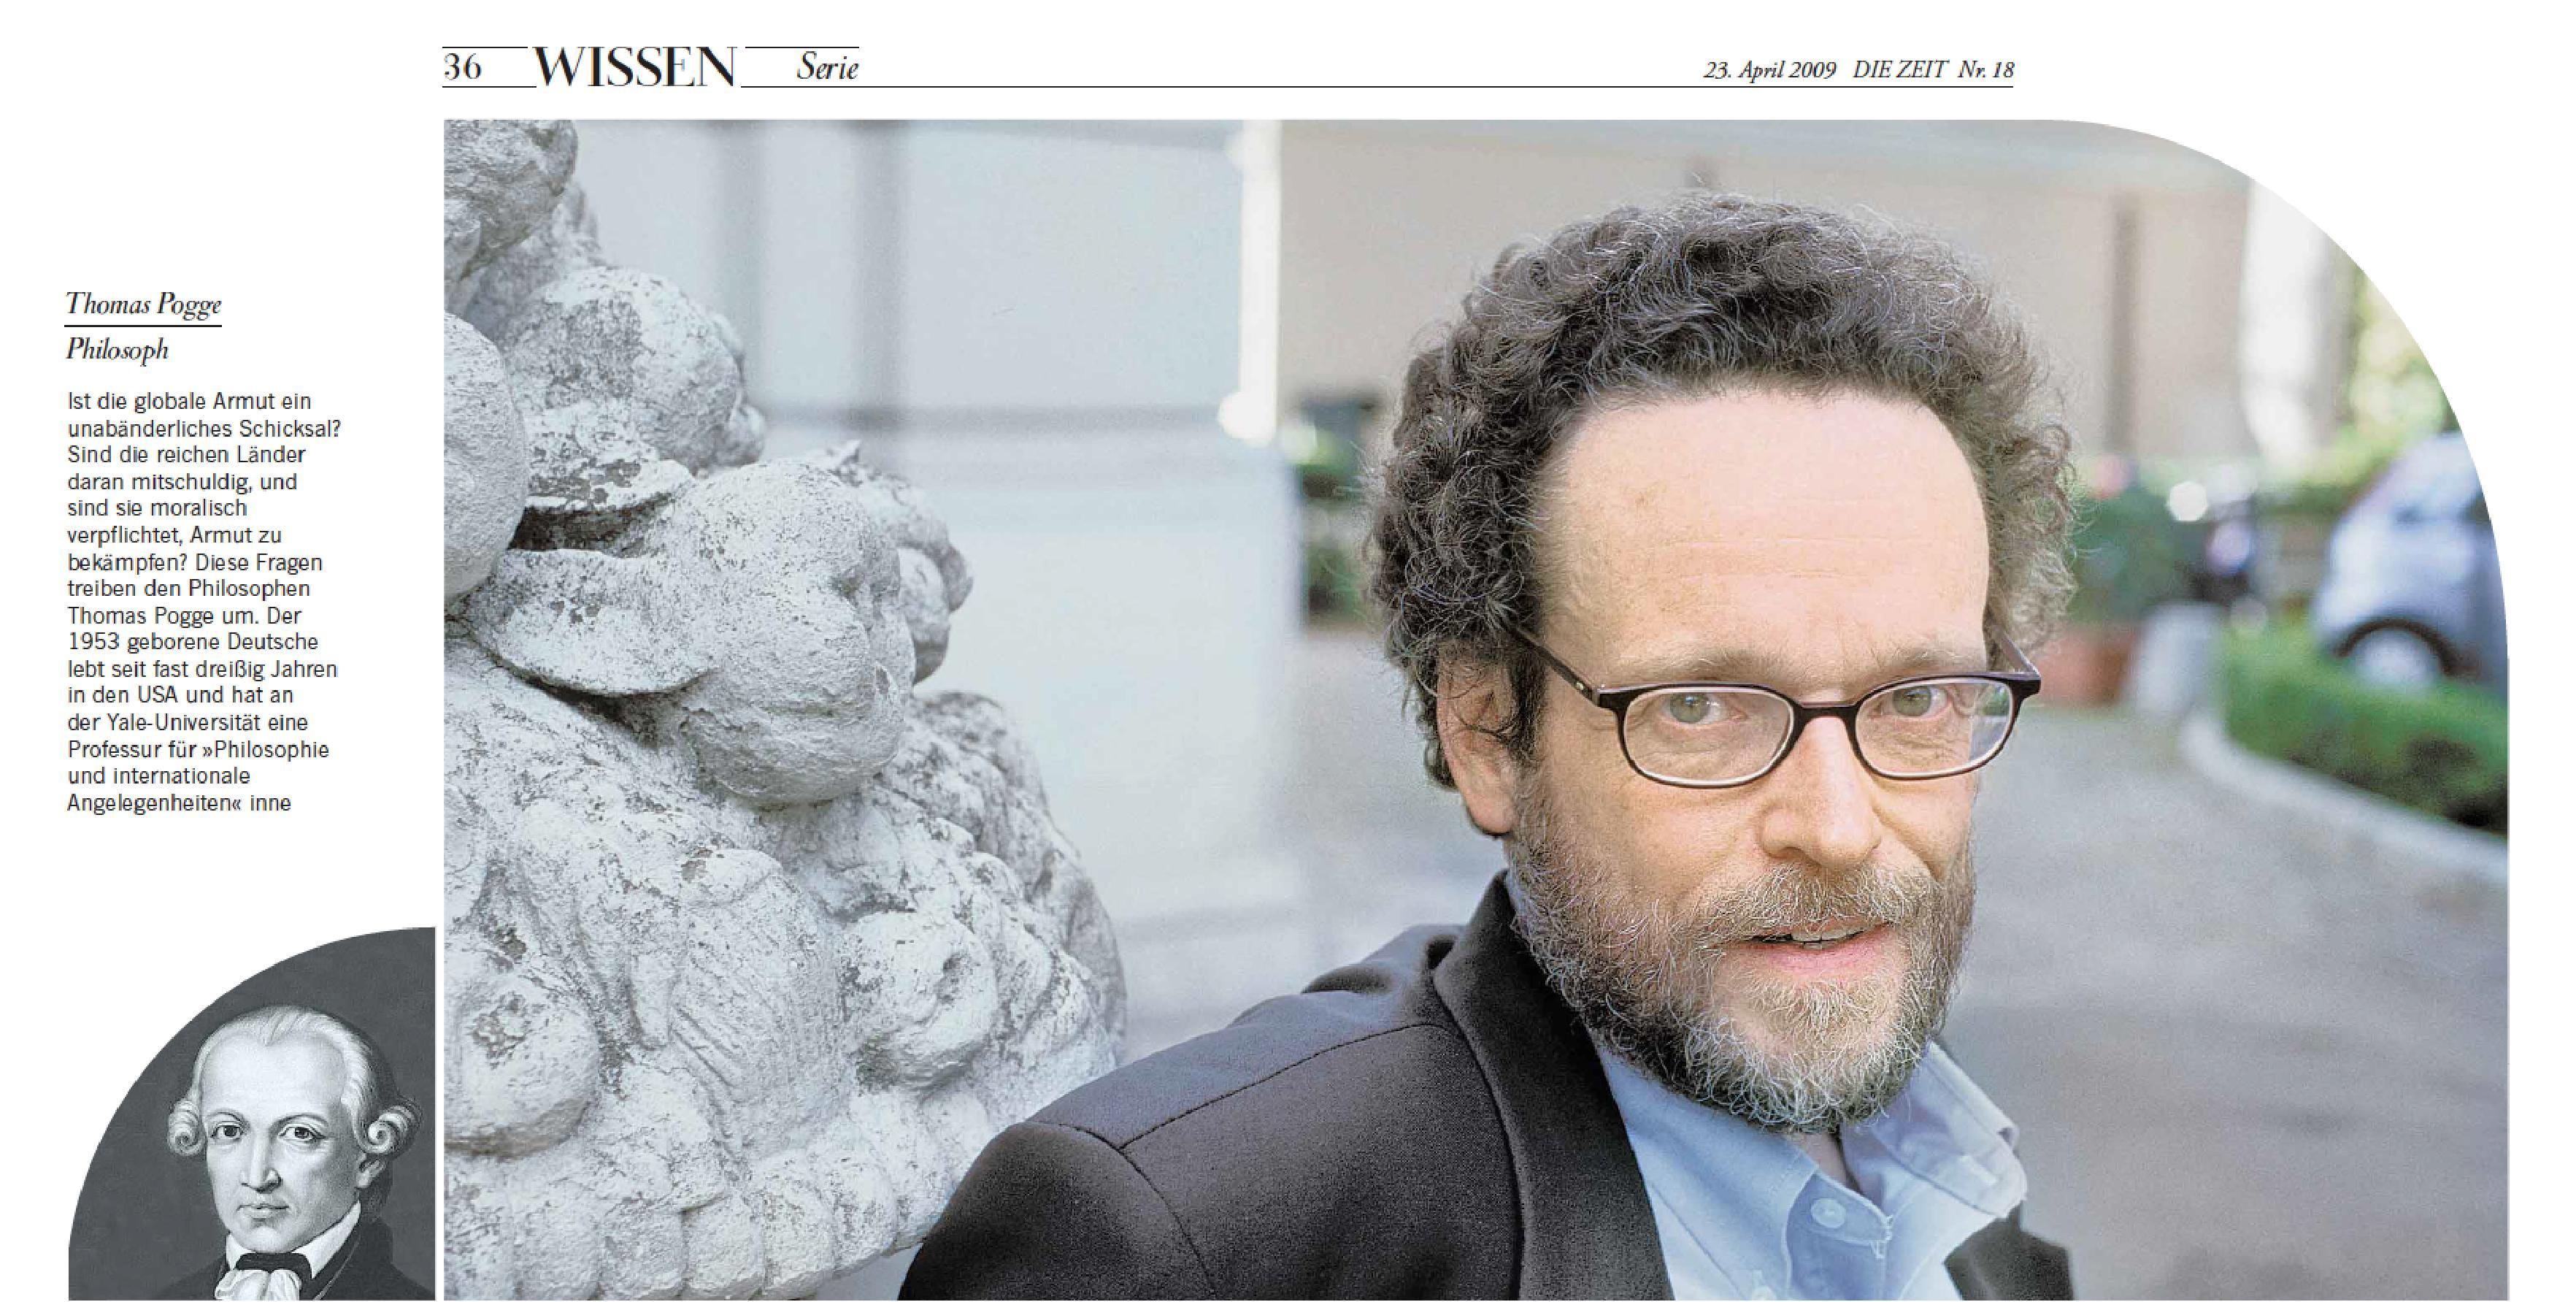 """DIE ZEIT foto """"Der Weltverändererdenker,"""" 23. April 2009, Nr. 18, S. 36 (Wissen)."""